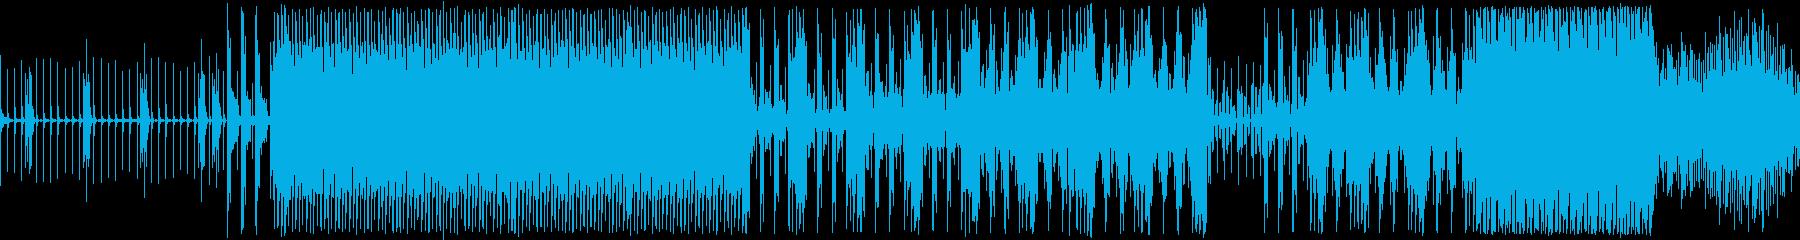 プログレッシブハウス。 Tranc...の再生済みの波形